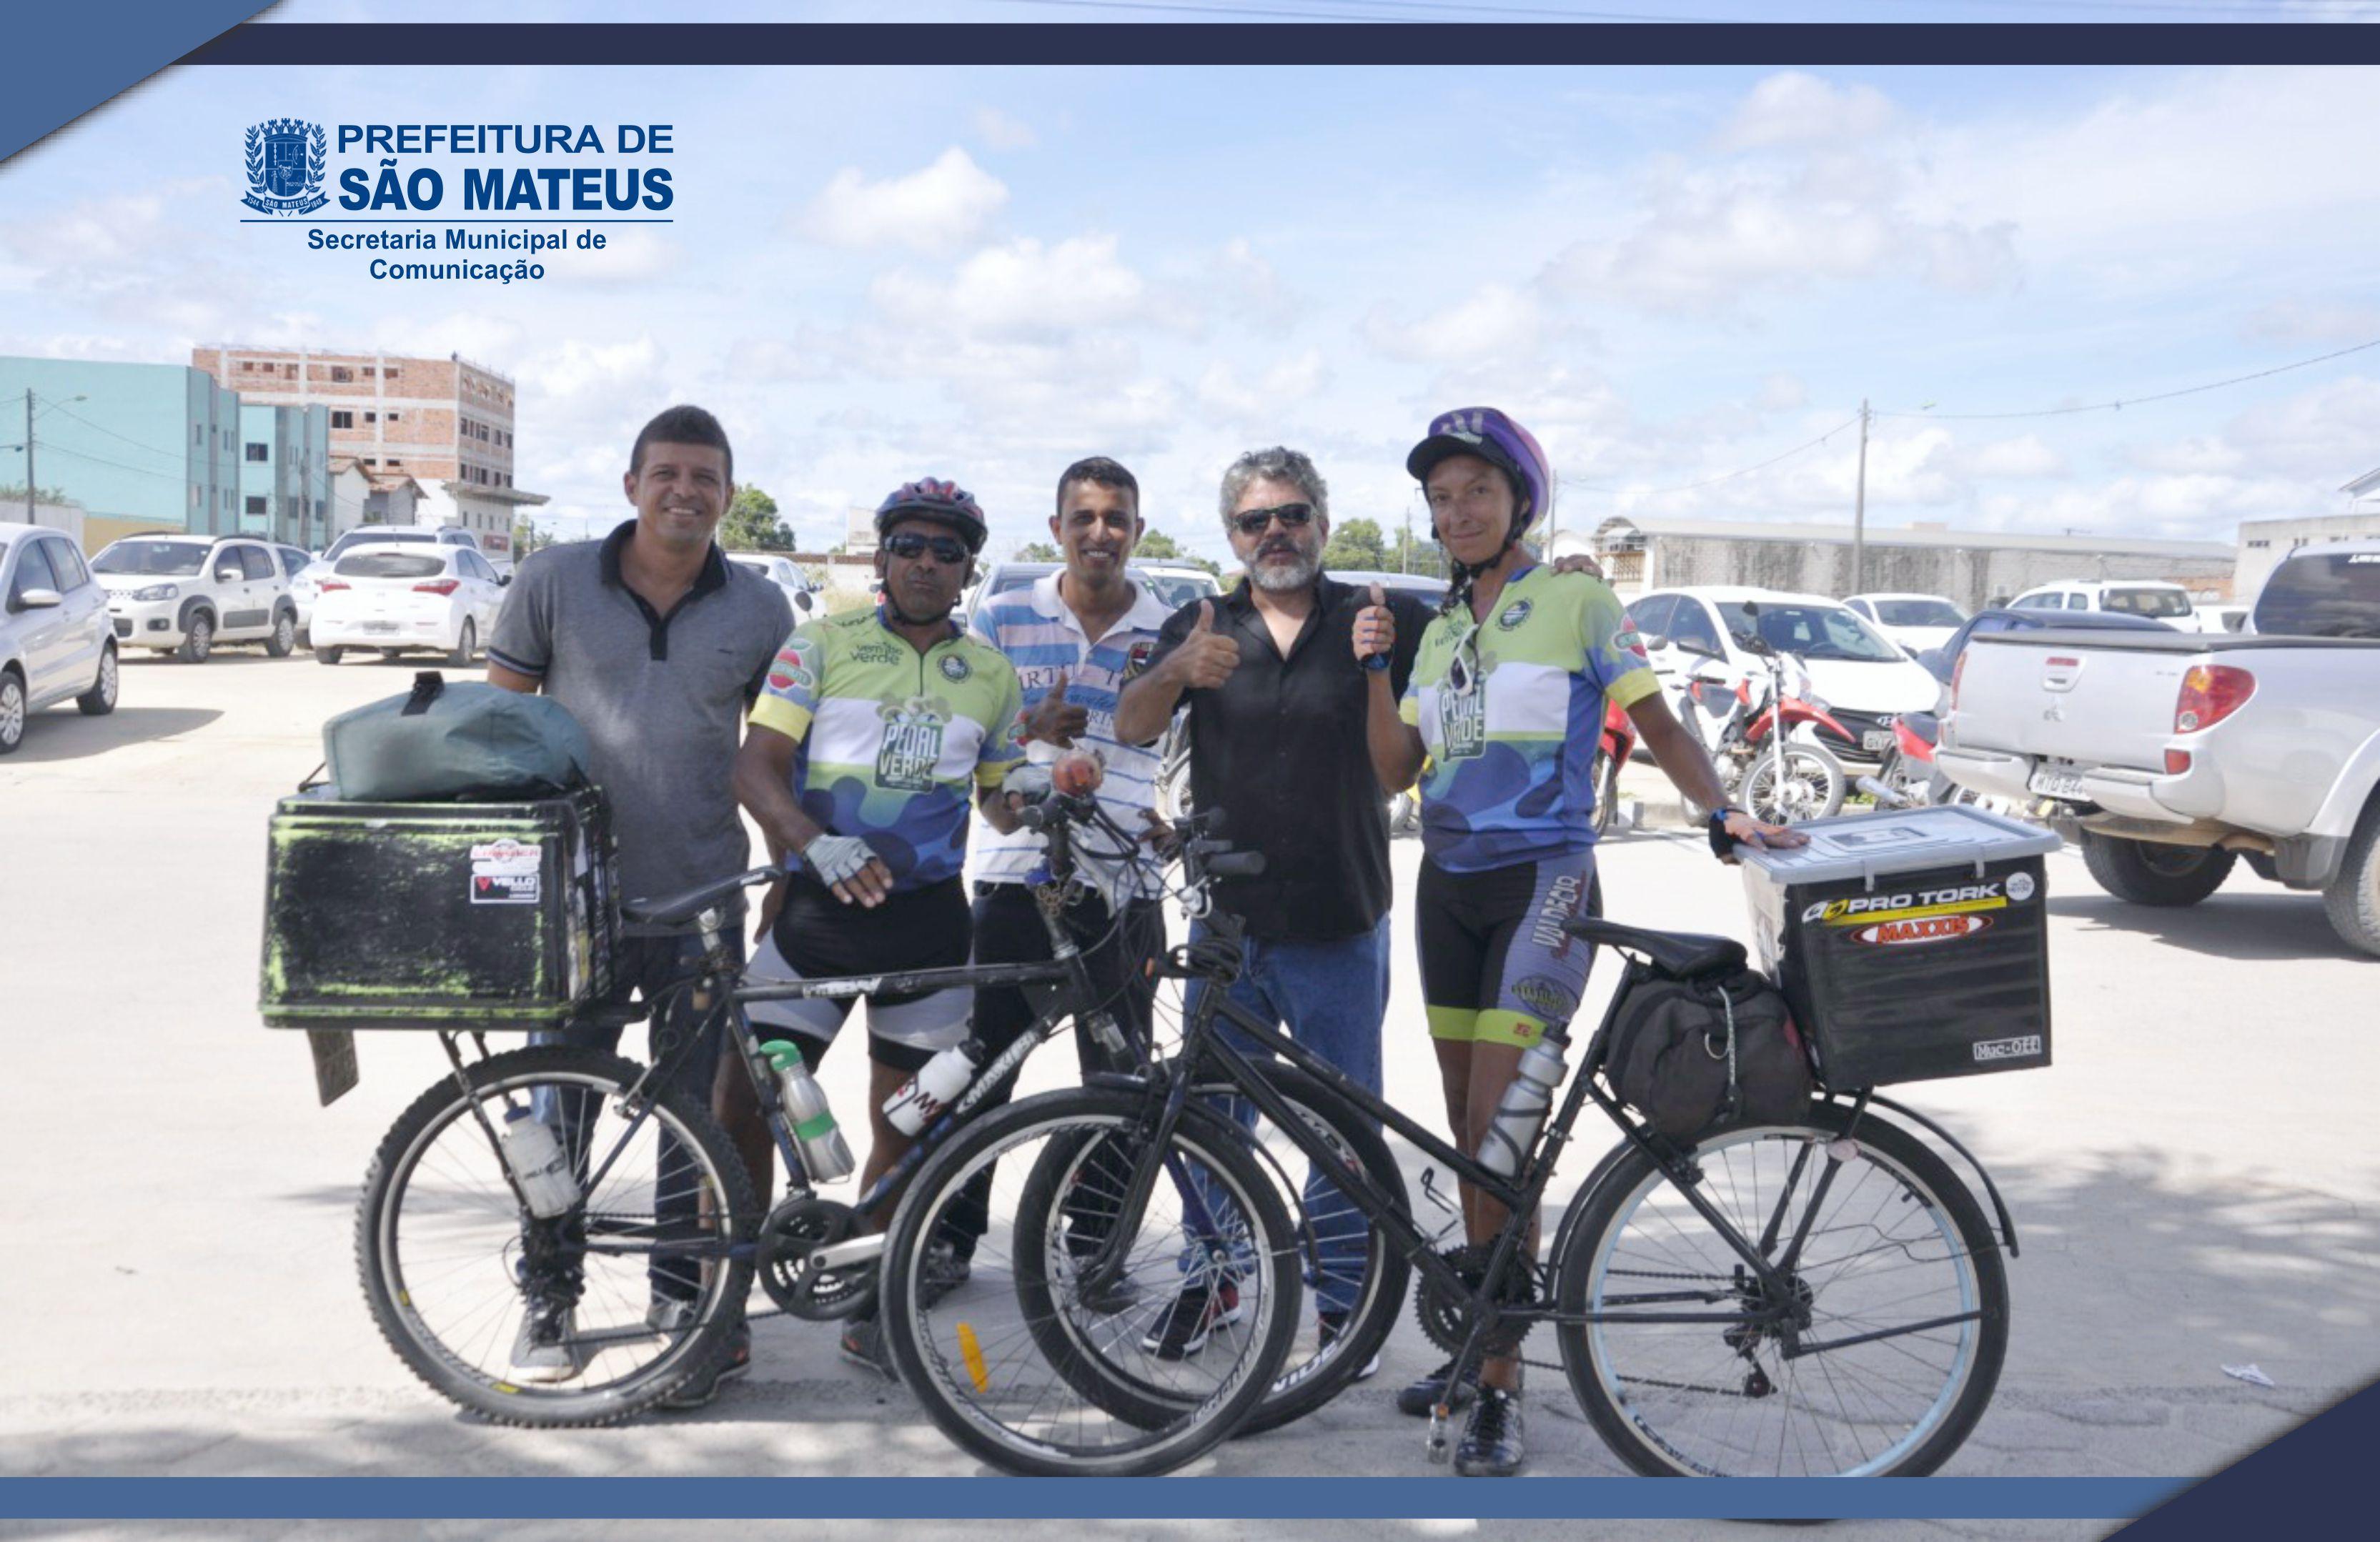 Prefeitura recebe visita de casal que percorre a América do Sul de bicicleta